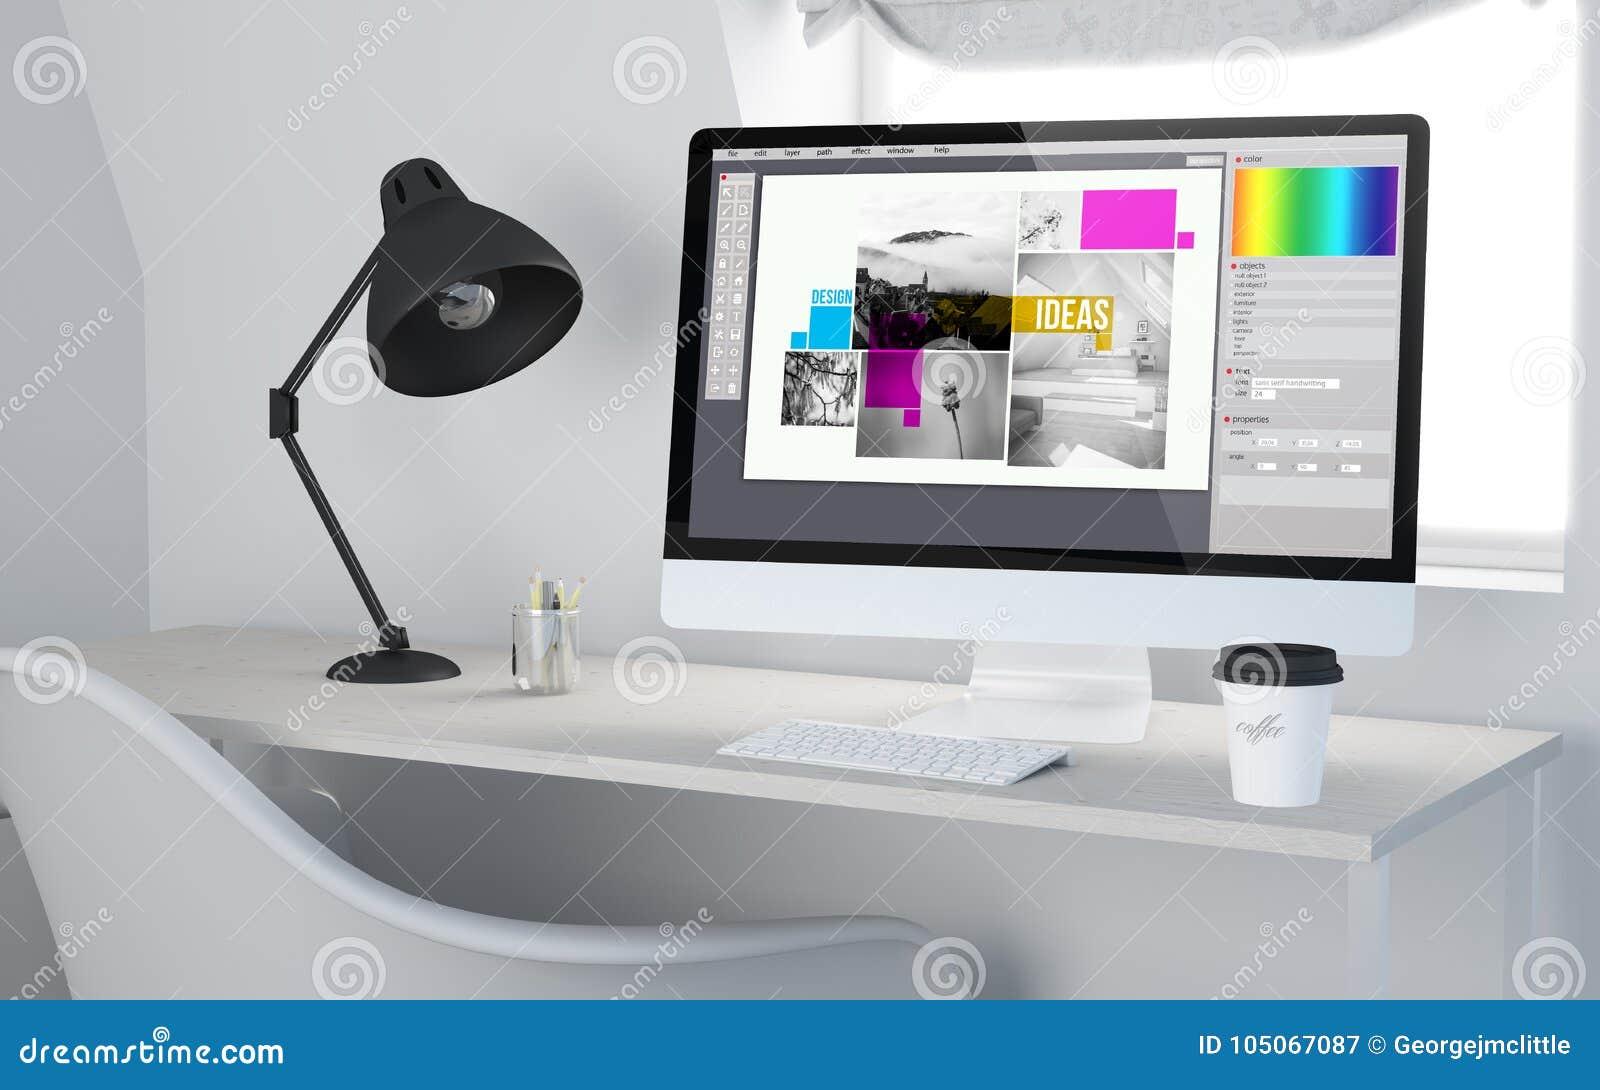 3d Desktop Workspace Rendering Graphic Design Stock Illustration Illustration Of Office Device 105067087